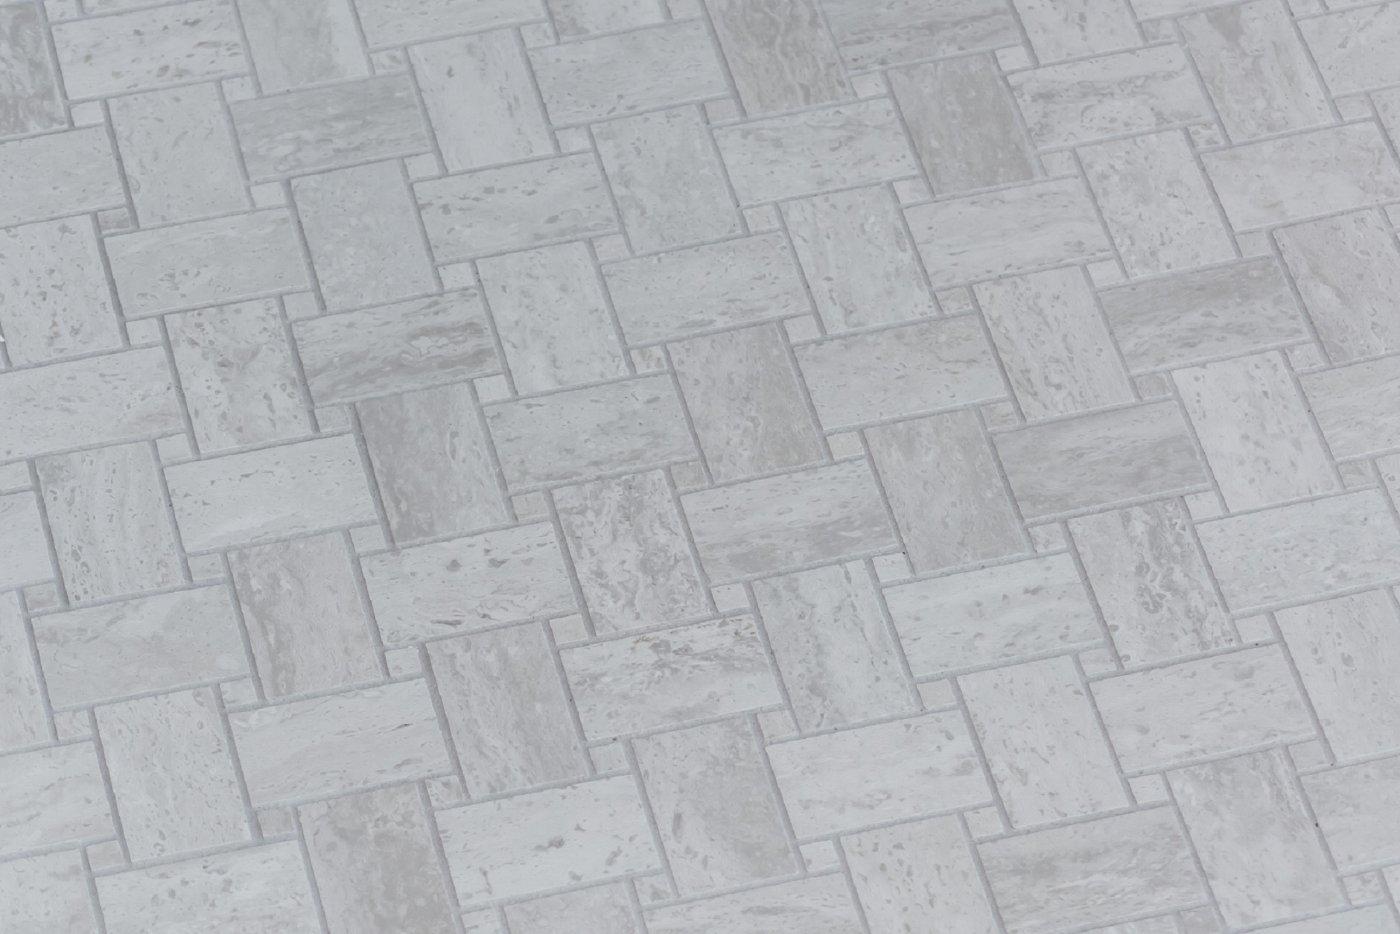 Shower tile floor ceramic decor shower tile floor dailygadgetfo Gallery